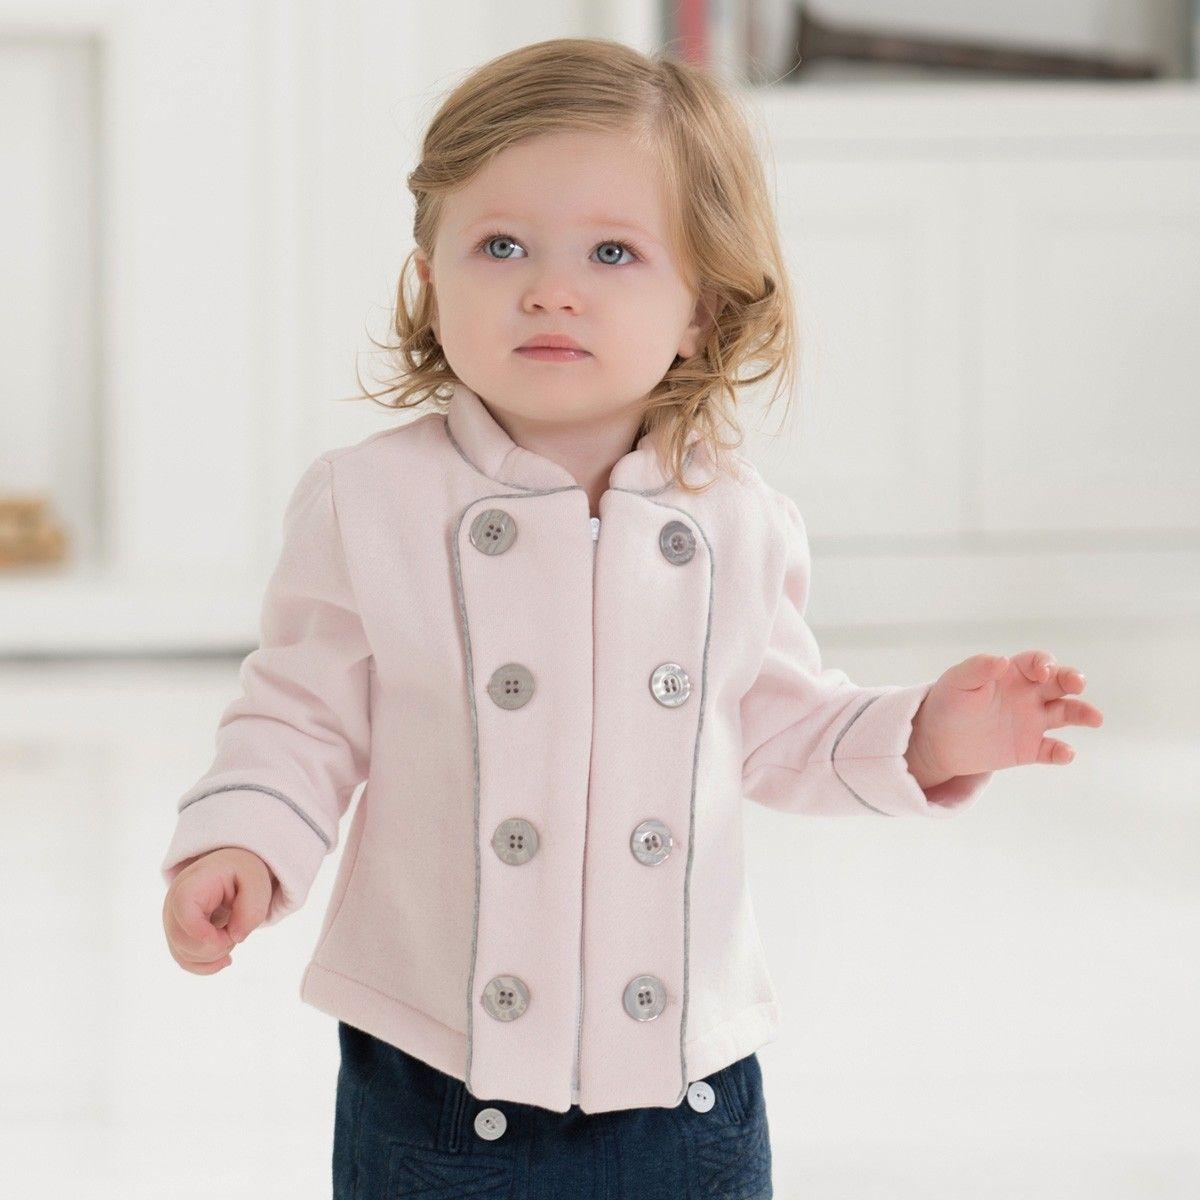 2019 year style- Baby stylish girl jackets